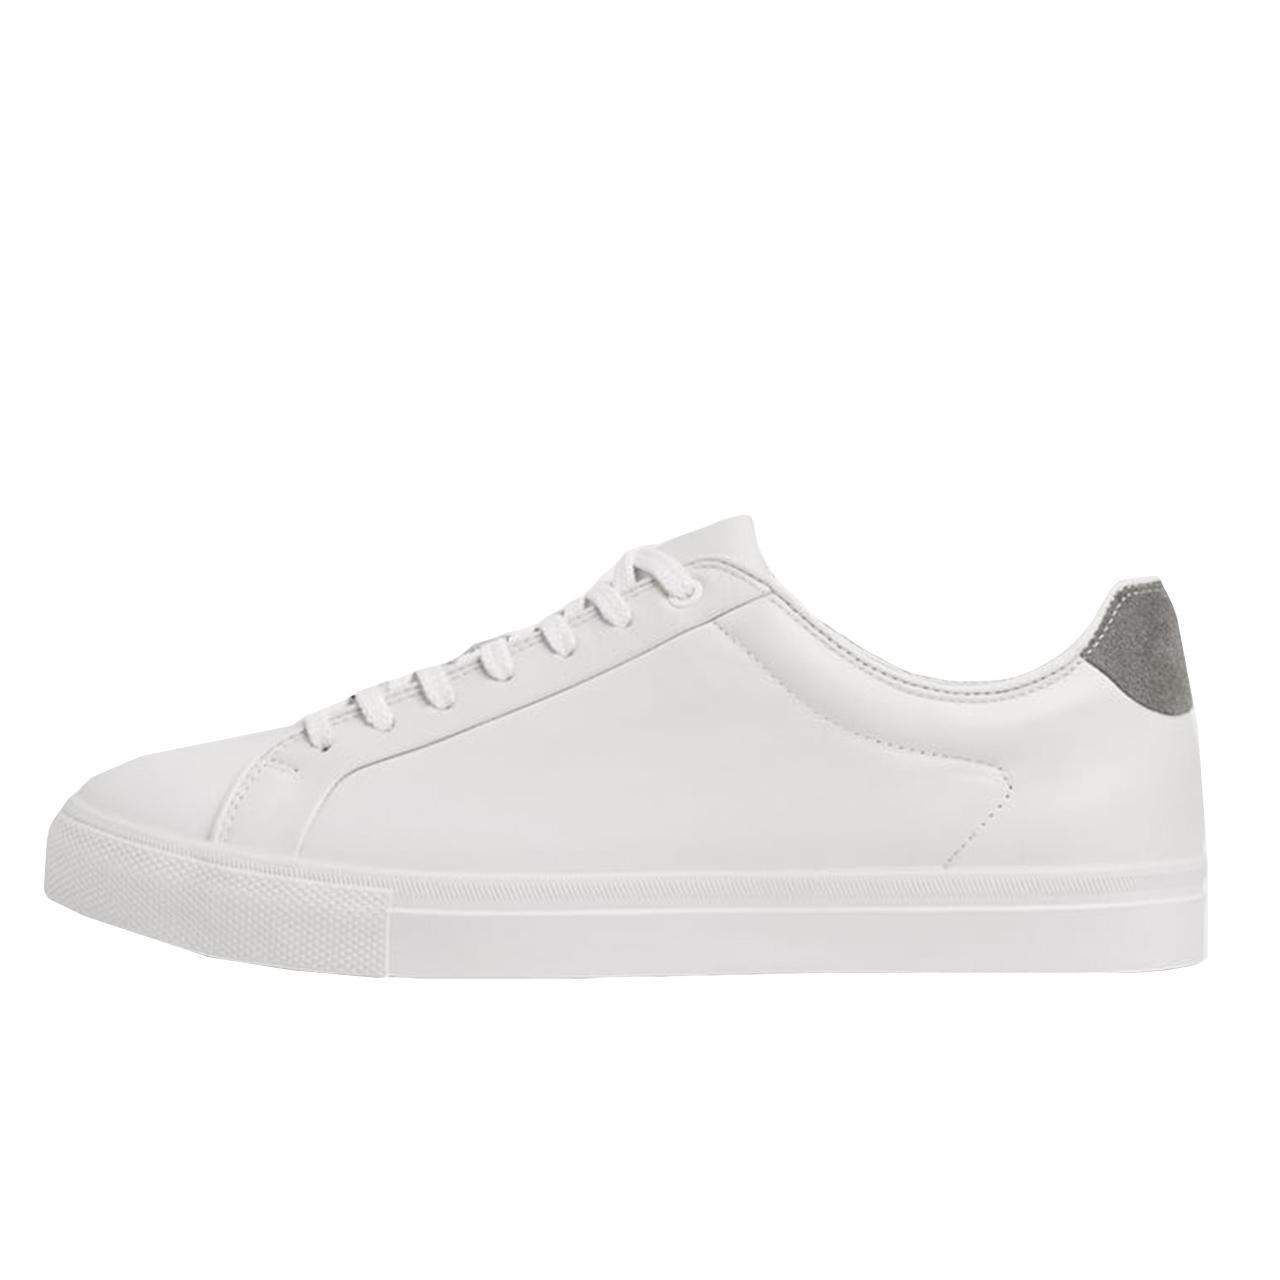 قیمت کفش مردانه زارا مدل 2229/002